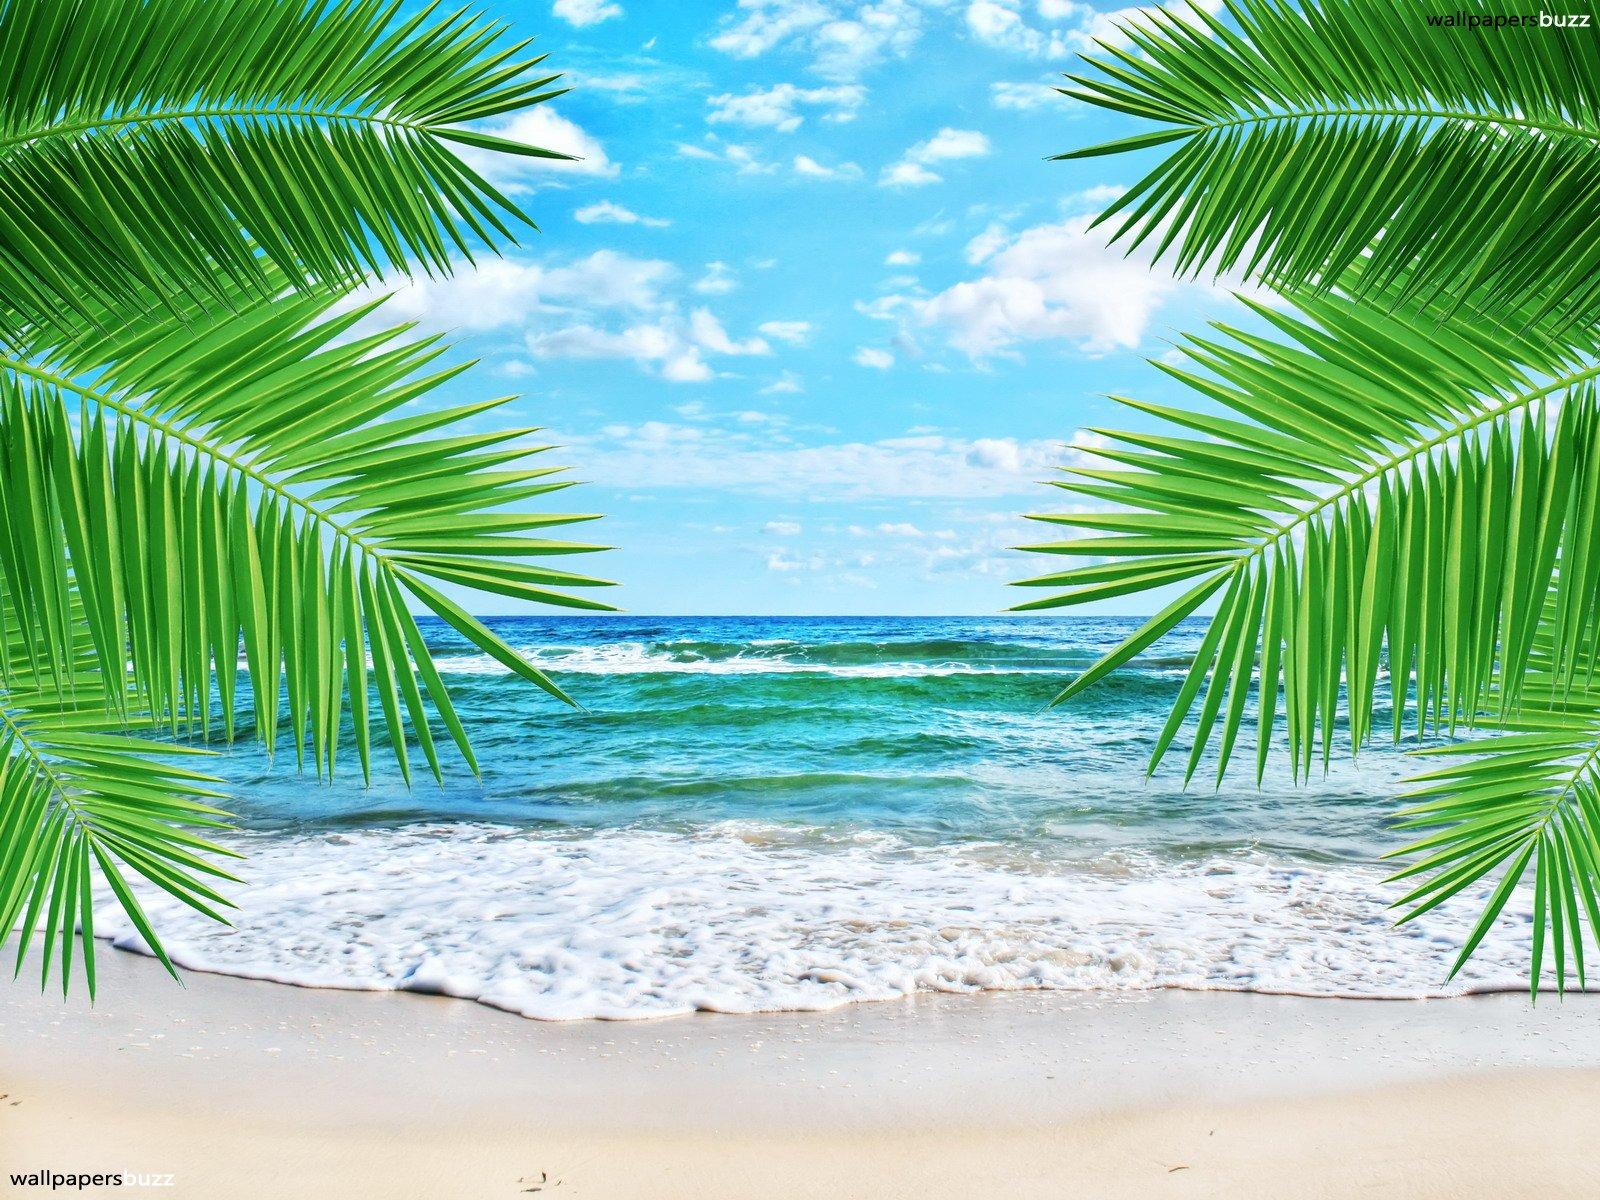 tropical beach wallpaper 120 - photo #24